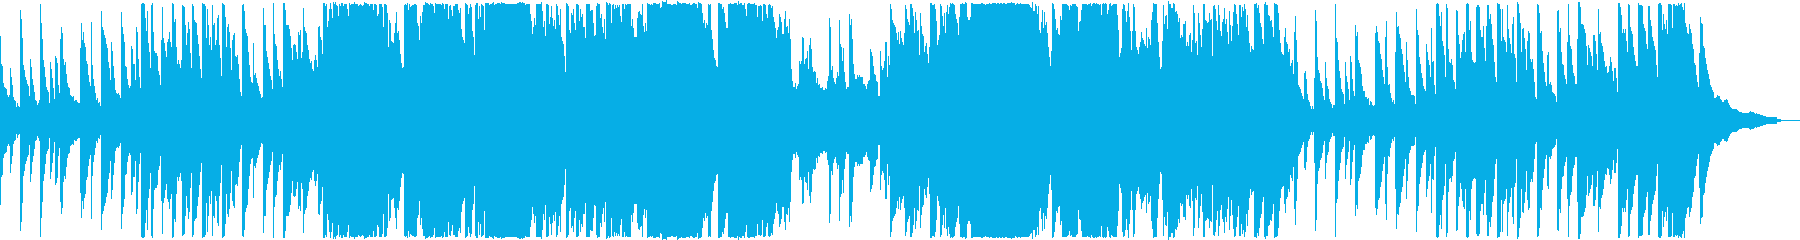 ピアノの旋律が切ないレクイエムの再生済みの波形